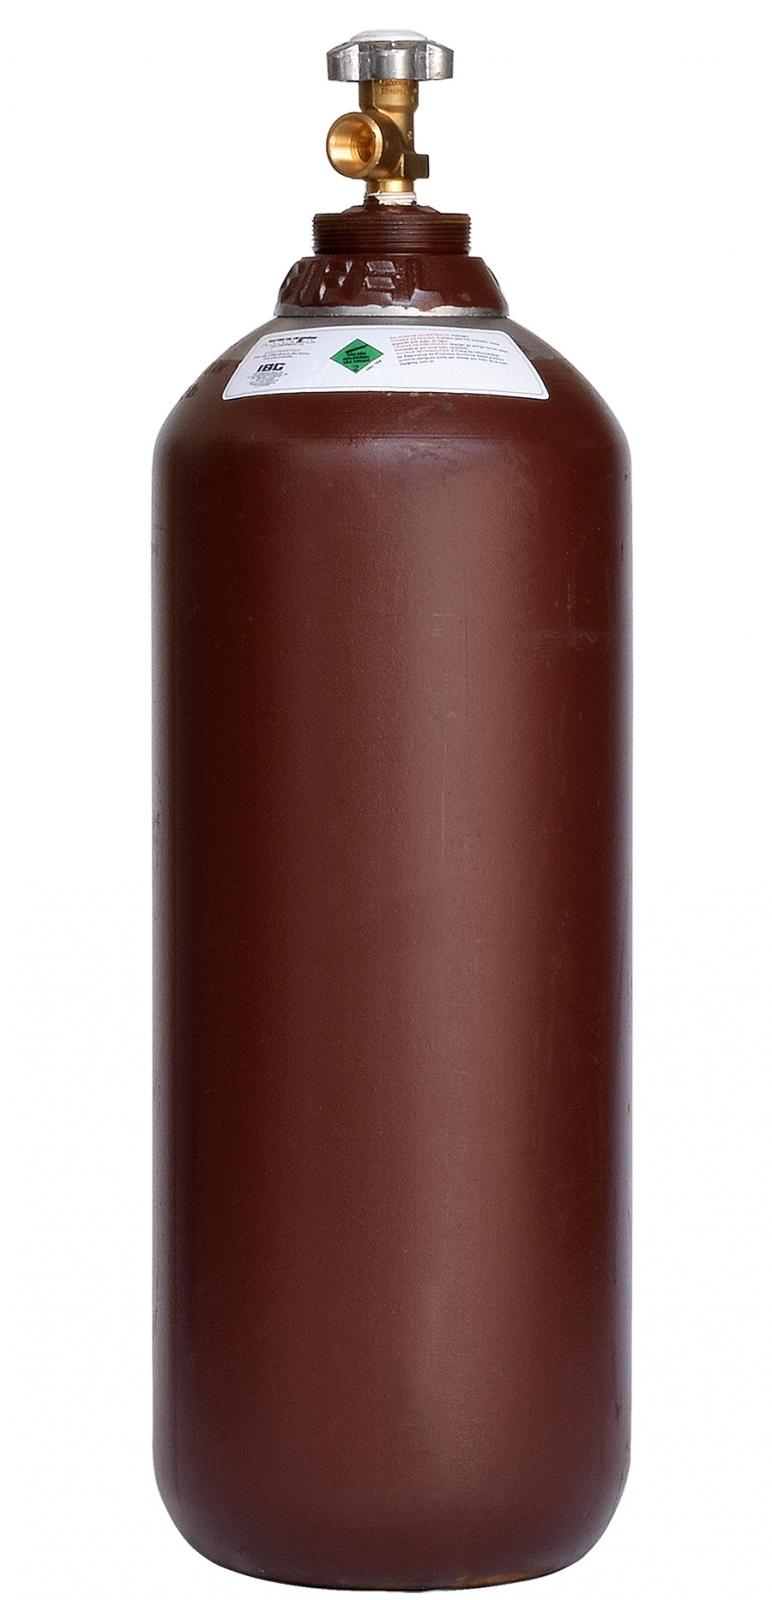 Cilindro  4mt3 Vazio Mistura Argônio Nitrogênio Co2 Oxig - Ferramentas MEP